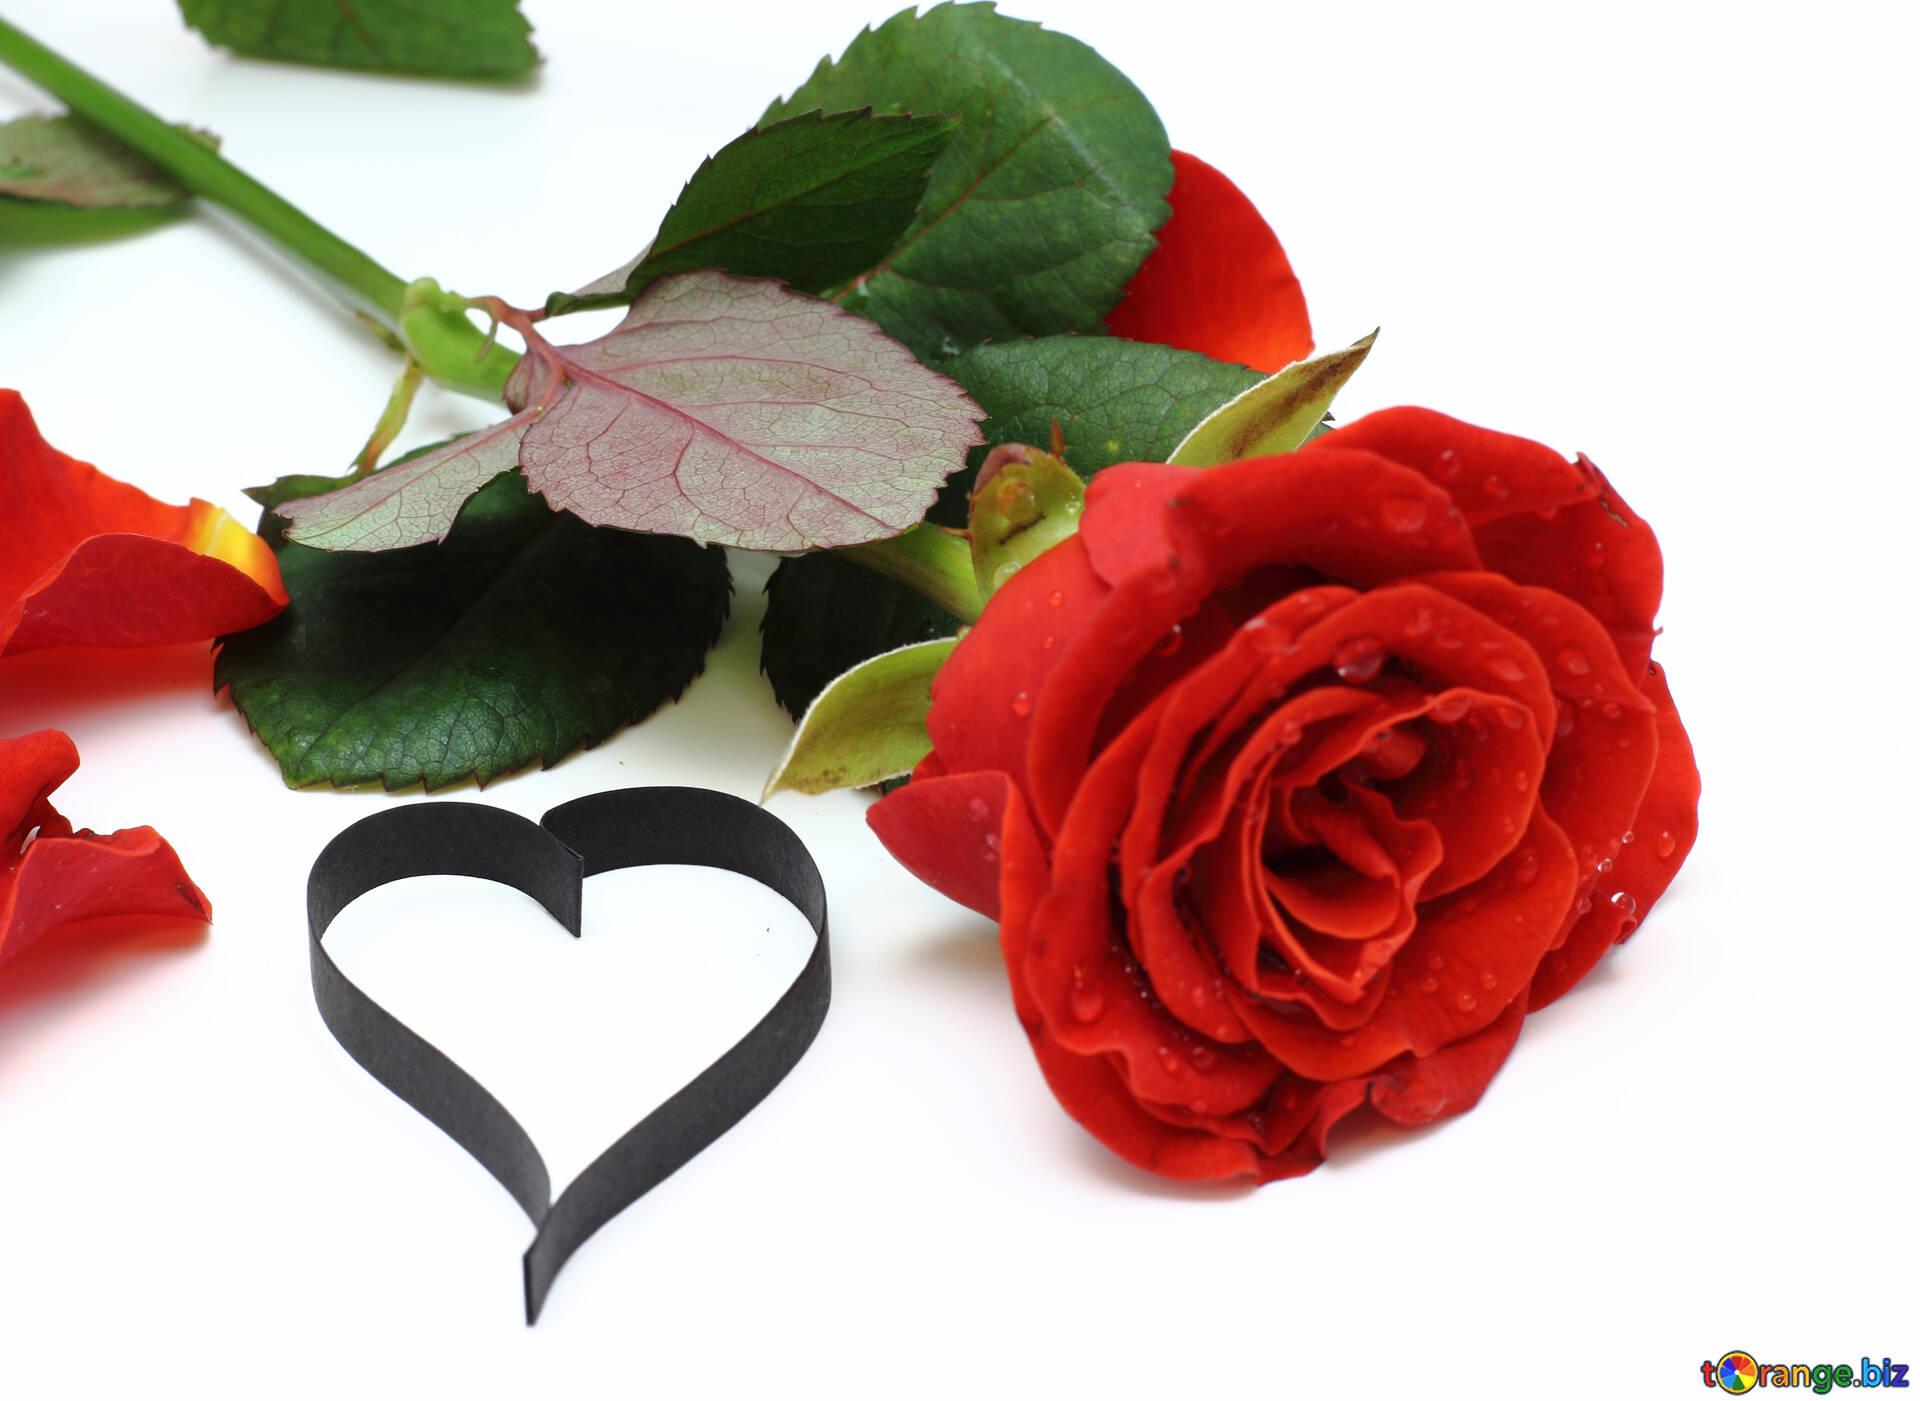 Картинки сердечки и розы, рождественскую